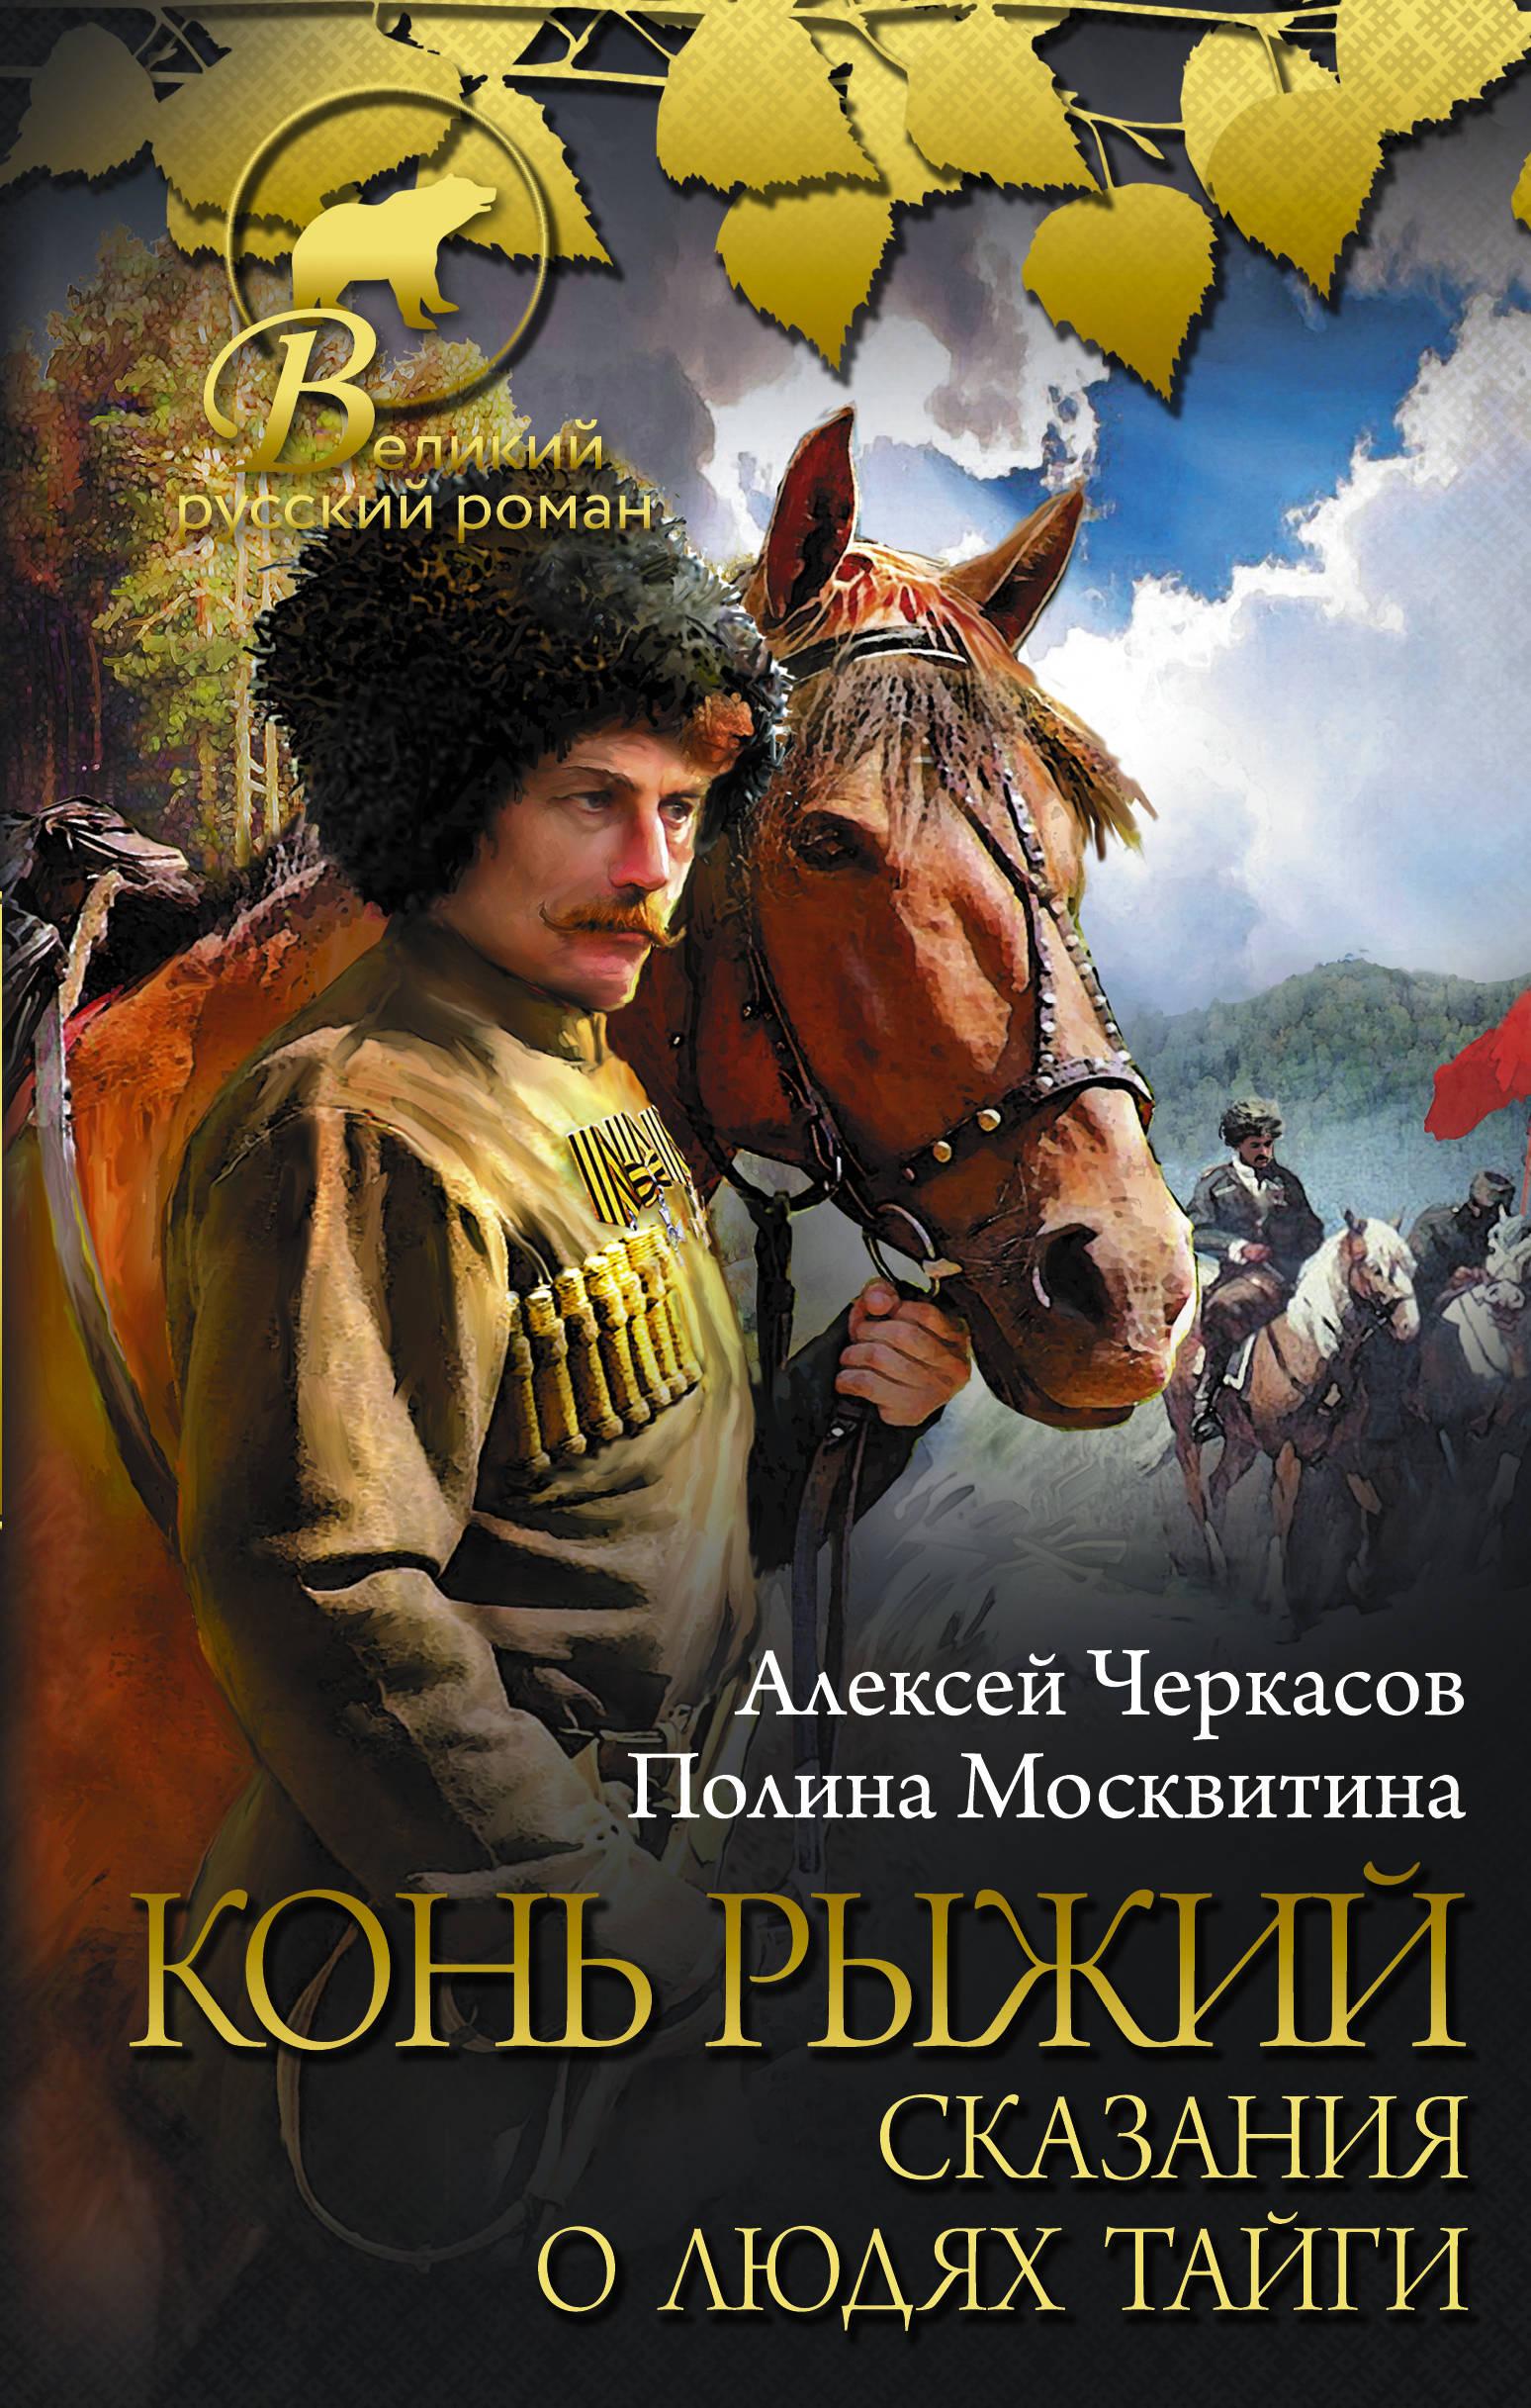 Алексей Черкасов, Полина Москвитина Конь рыжий: сказания о людях тайги